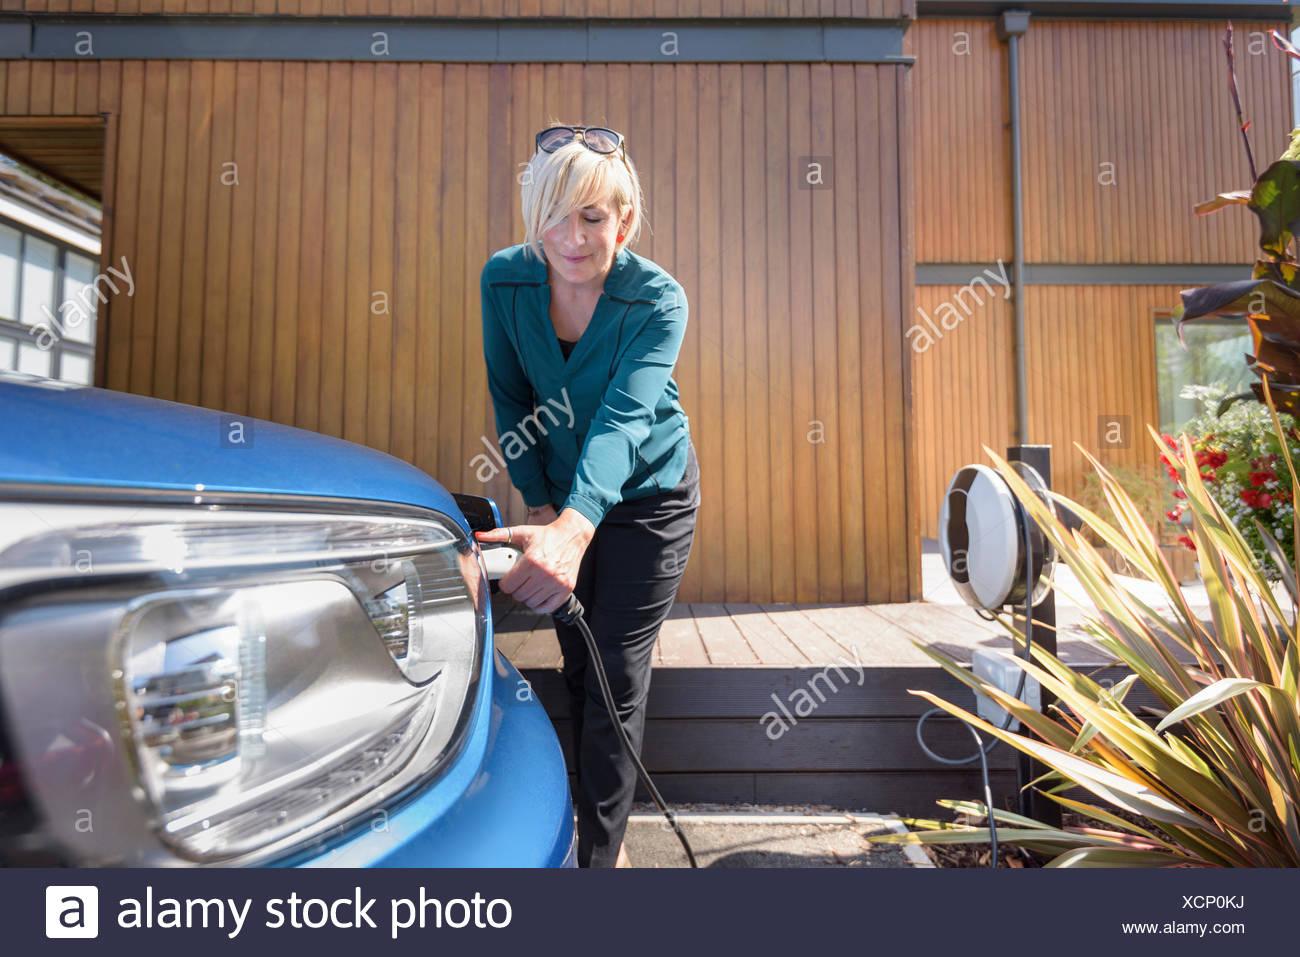 Donna ricarica auto elettrica dal punto di carica Immagini Stock